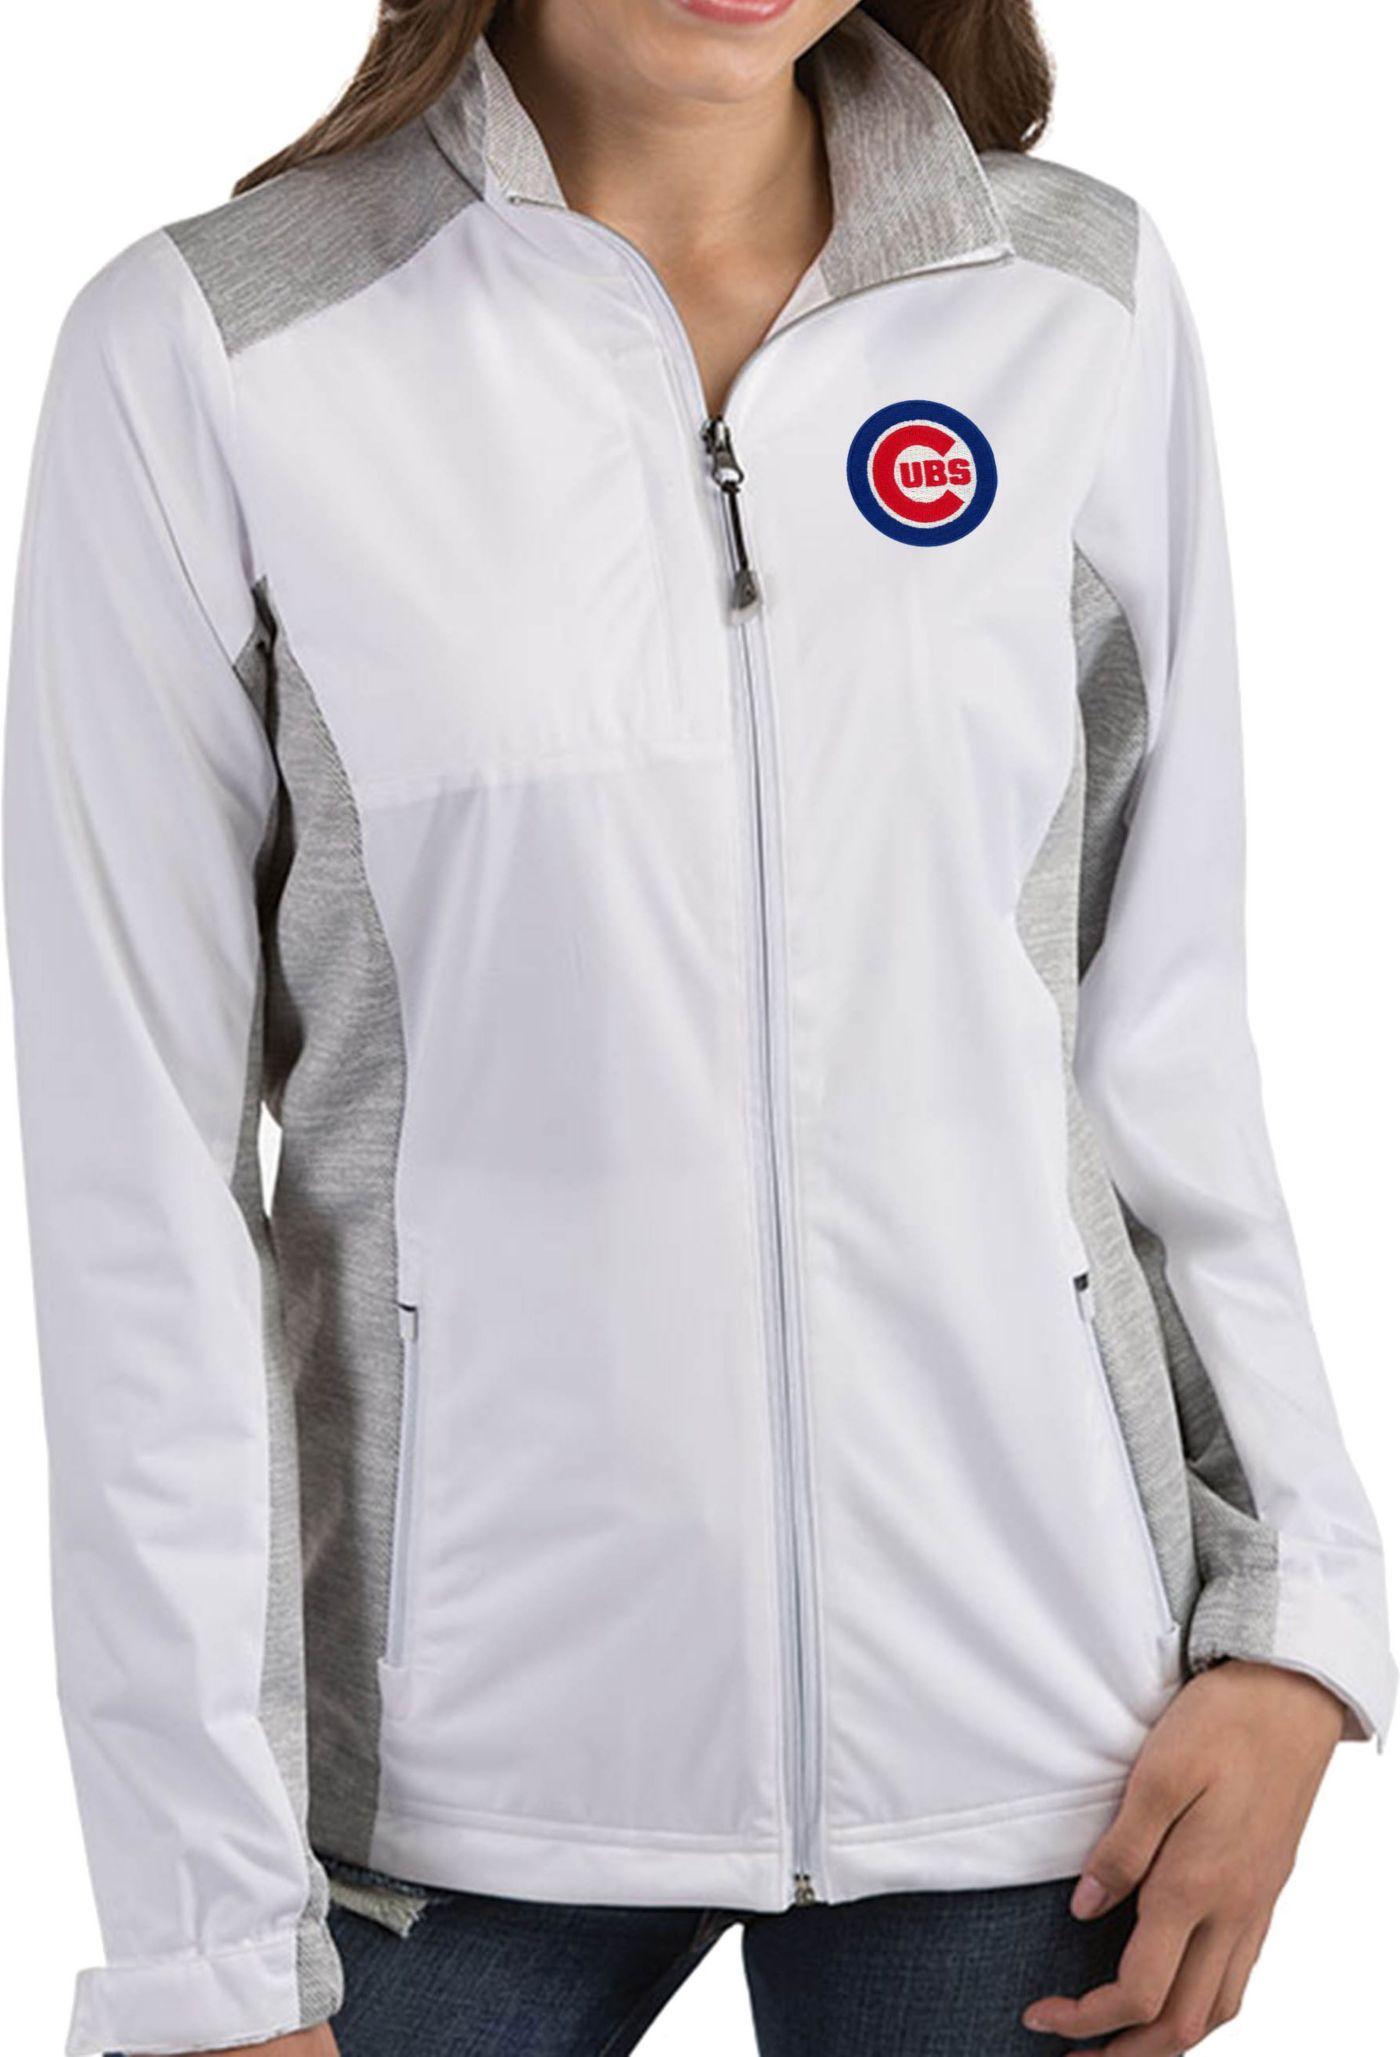 Antigua Women's Chicago Cubs Revolve White Full-Zip Jacket